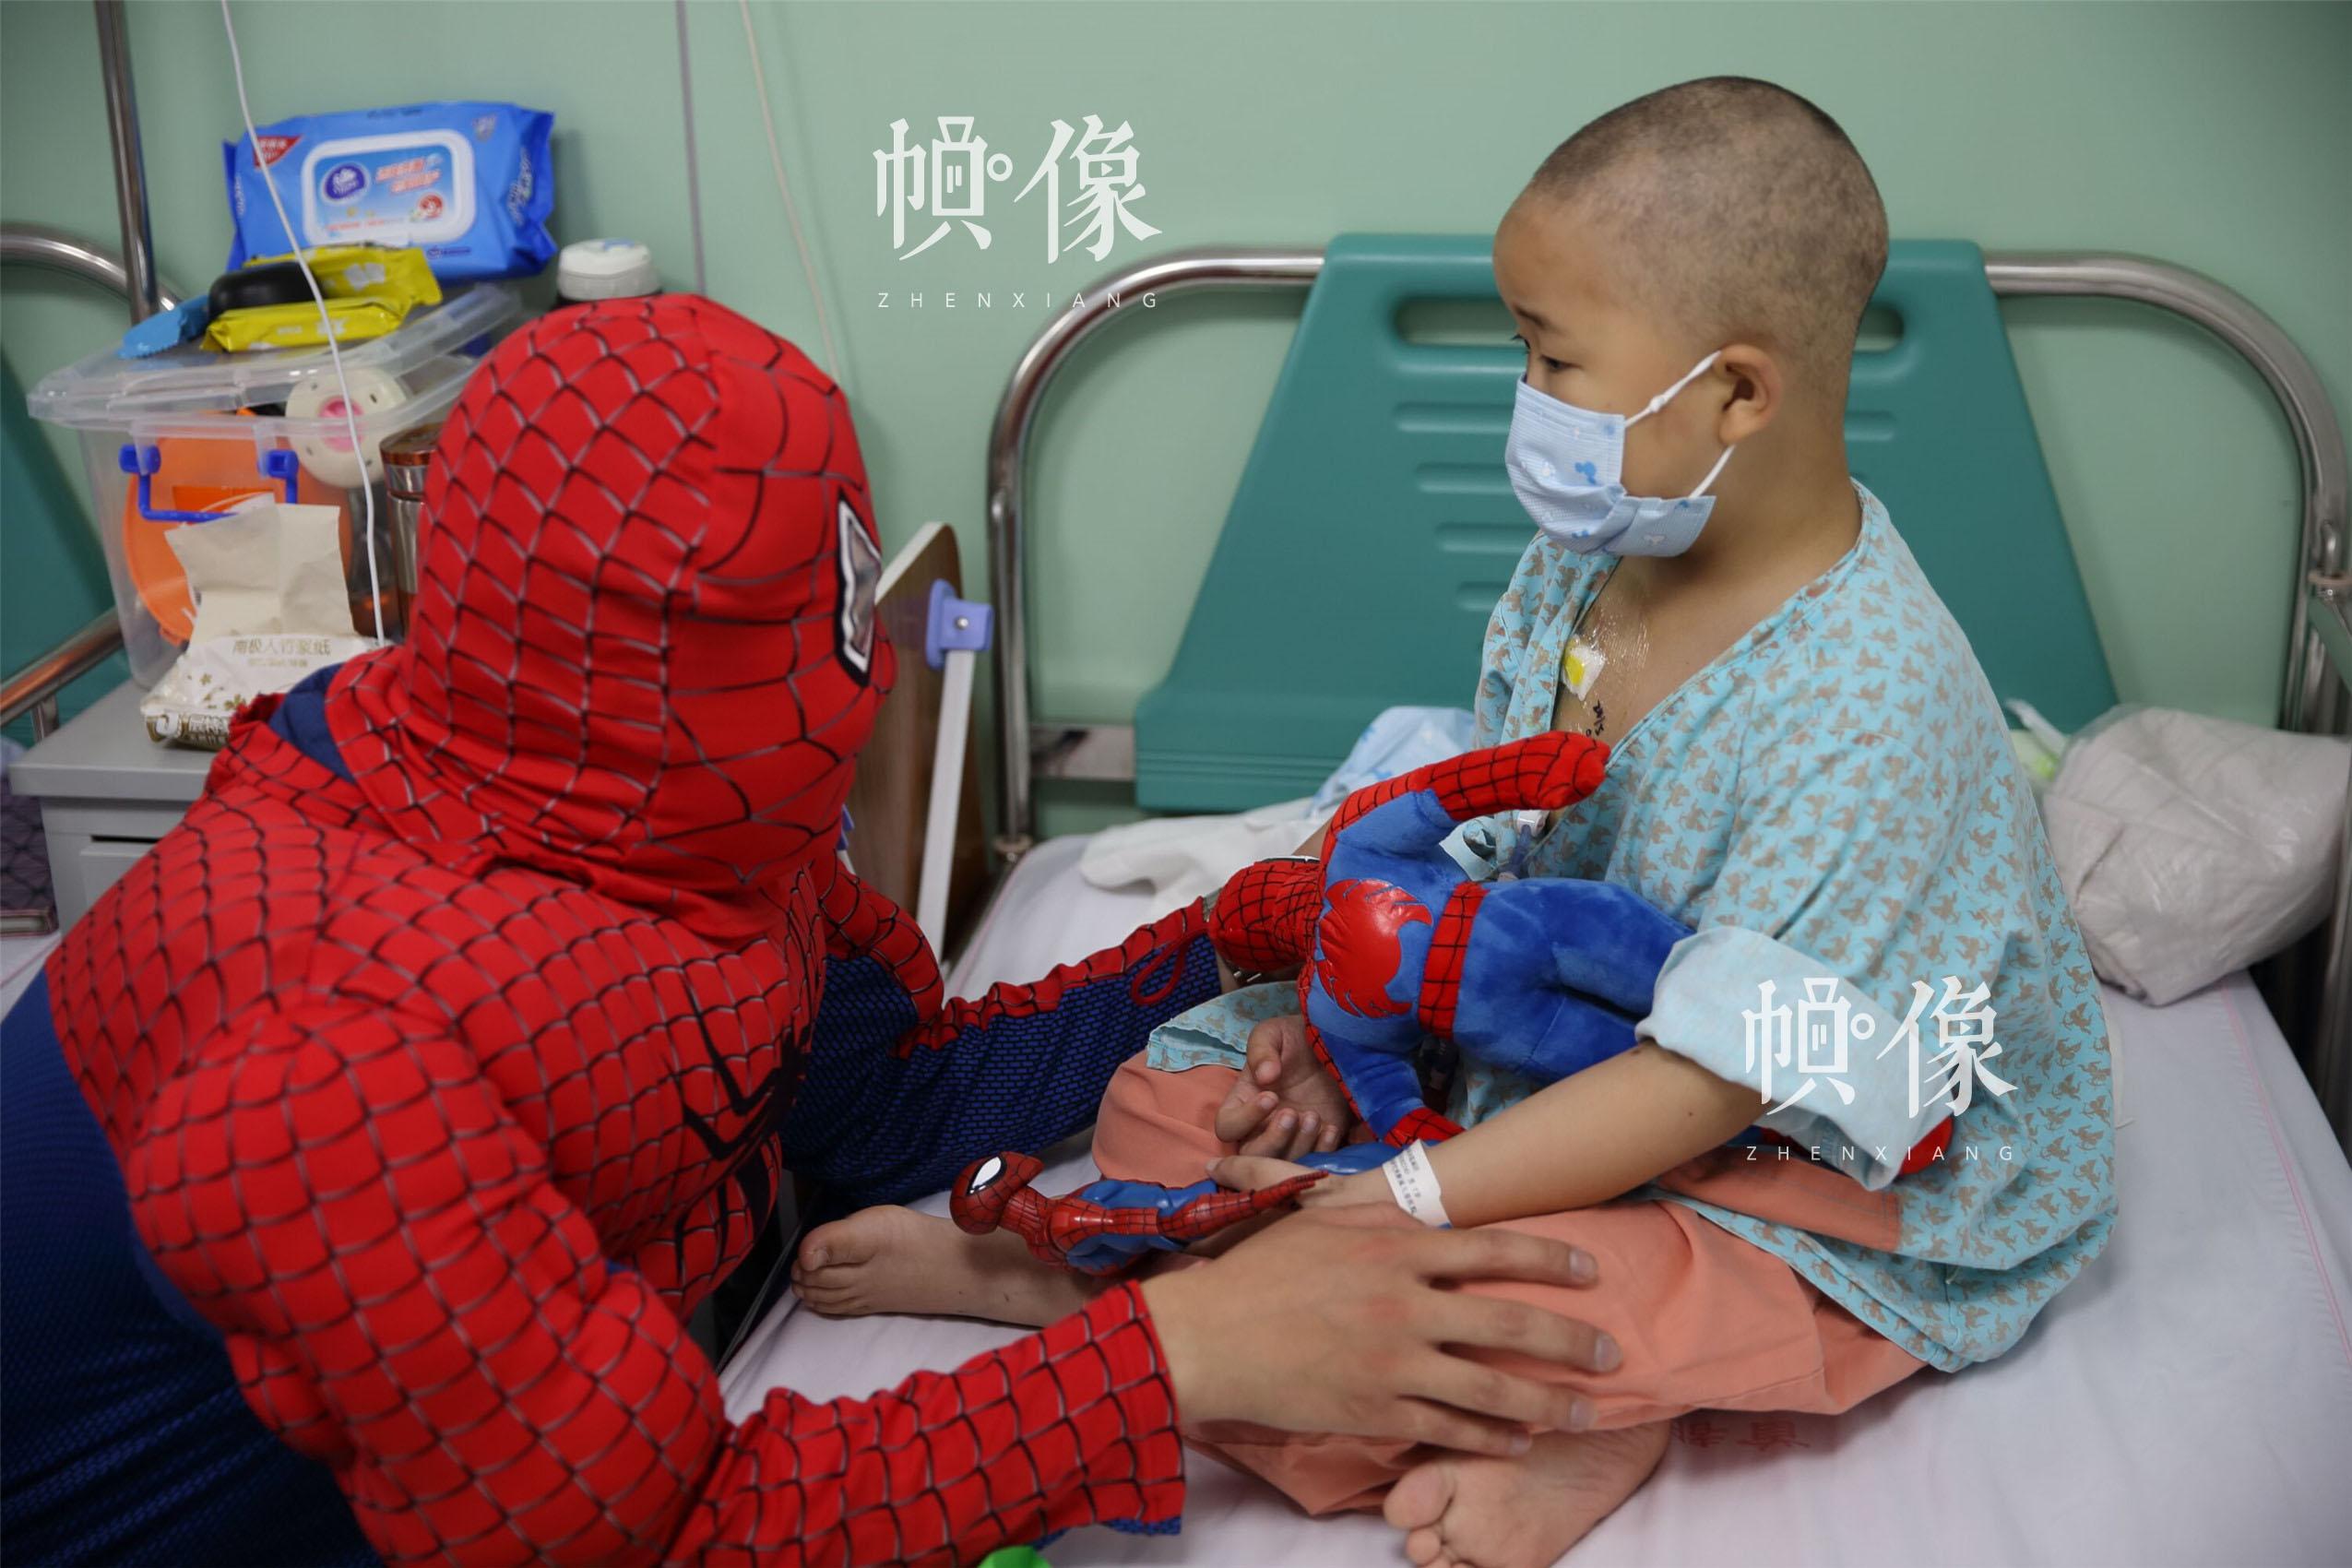 """2017年5月26日,北京首都儿科研究所,""""你是我的英雄""""活动结束后,男护士季长绪穿着""""蜘蛛侠""""的衣服,来到病房看望天佑。他说,看到孩子的难受,看到孩子的坚强,自己很受启发。季长绪希望通过自己的工作,鼓励孩子们如心中的英雄人物一般,勇敢面对人生中暂时的艰难时刻。中国网记者 陈维松 摄"""